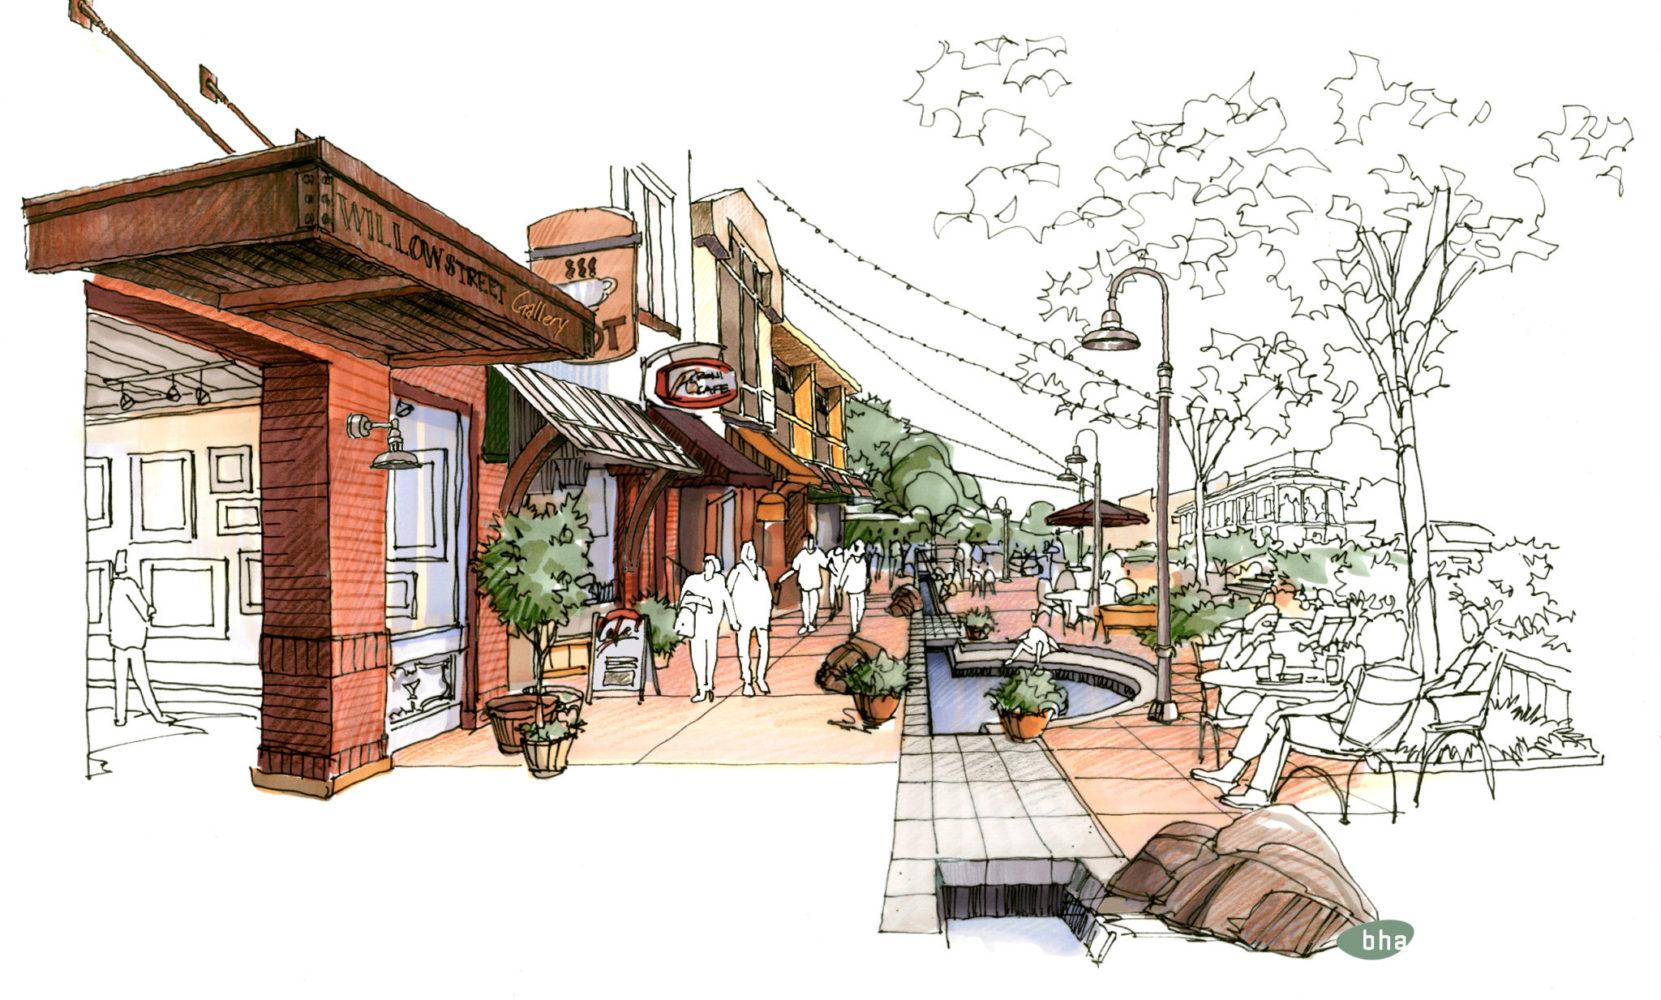 Beet Street - Concept Rendering